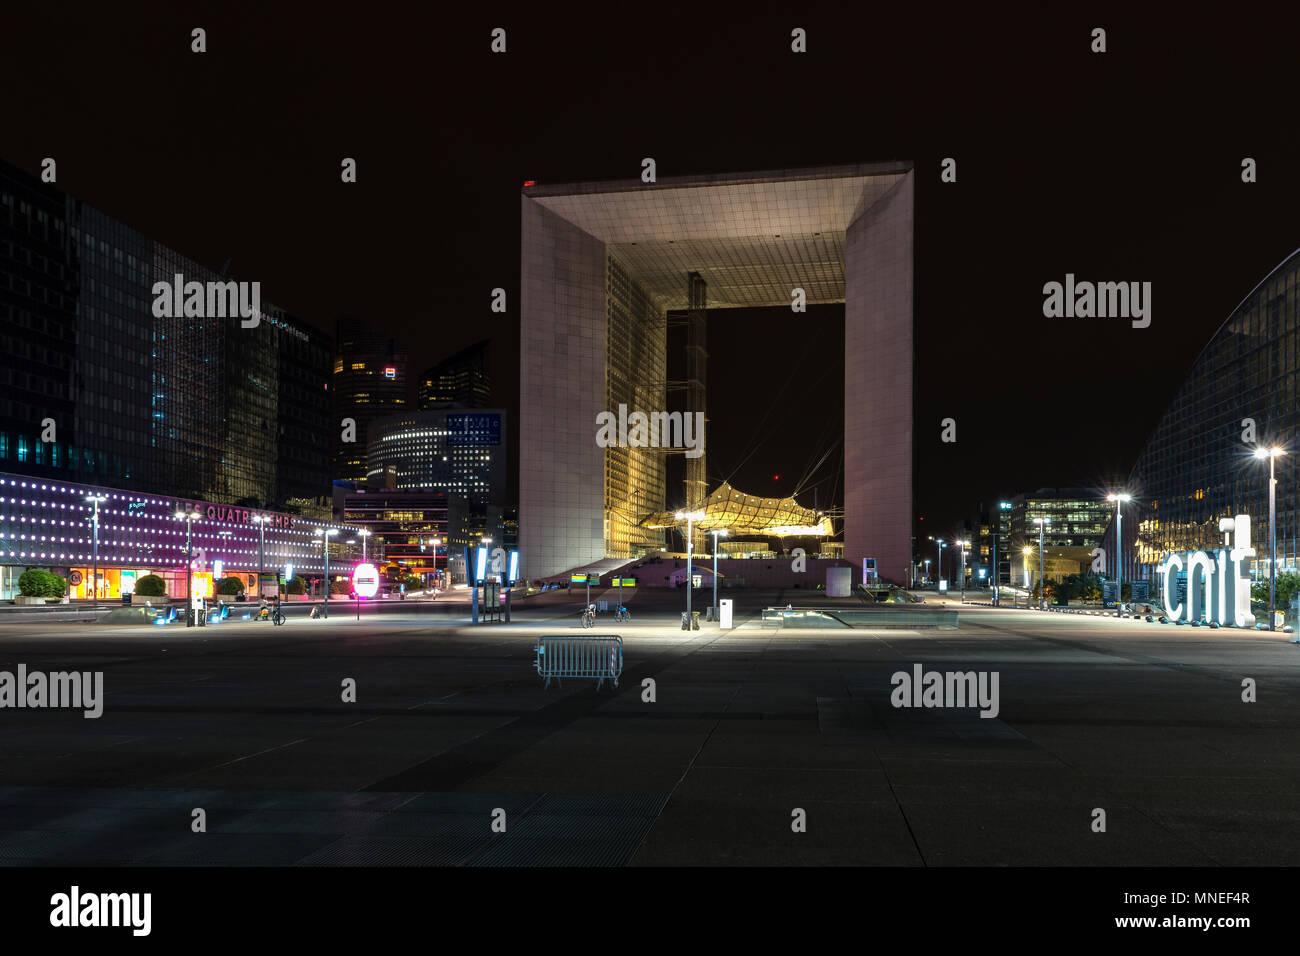 Grande Arche de noche Foto de stock